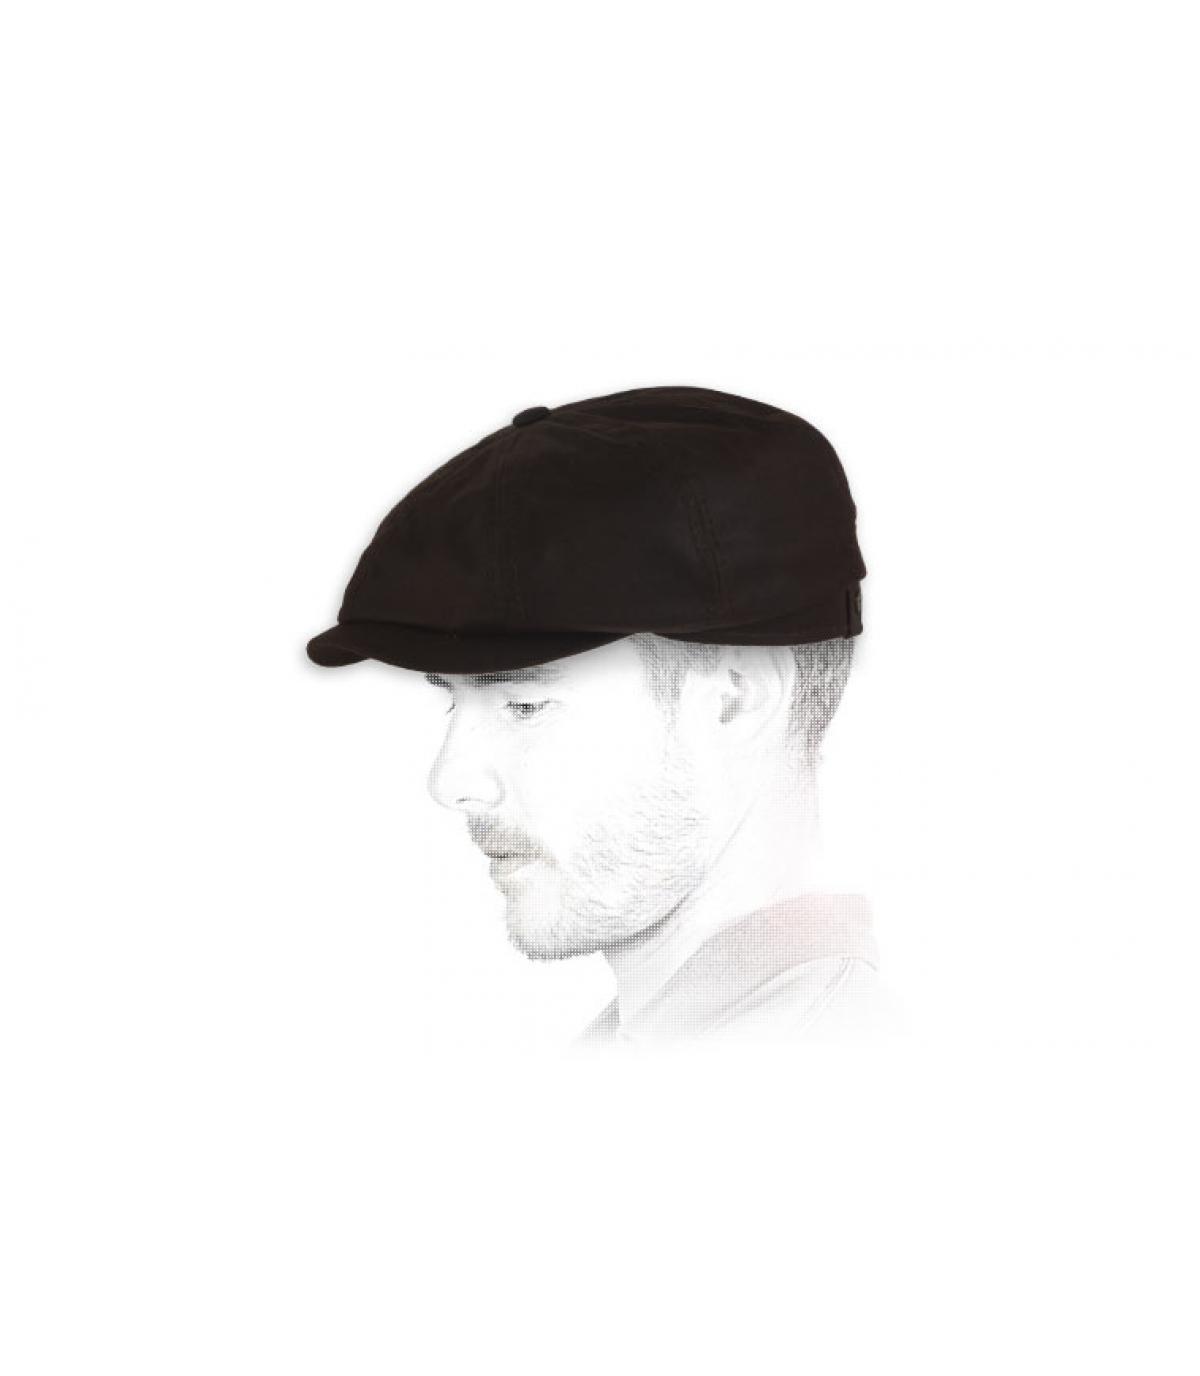 Details Braune Hatteras aus gewachster Baumwolle  - Abbildung 3